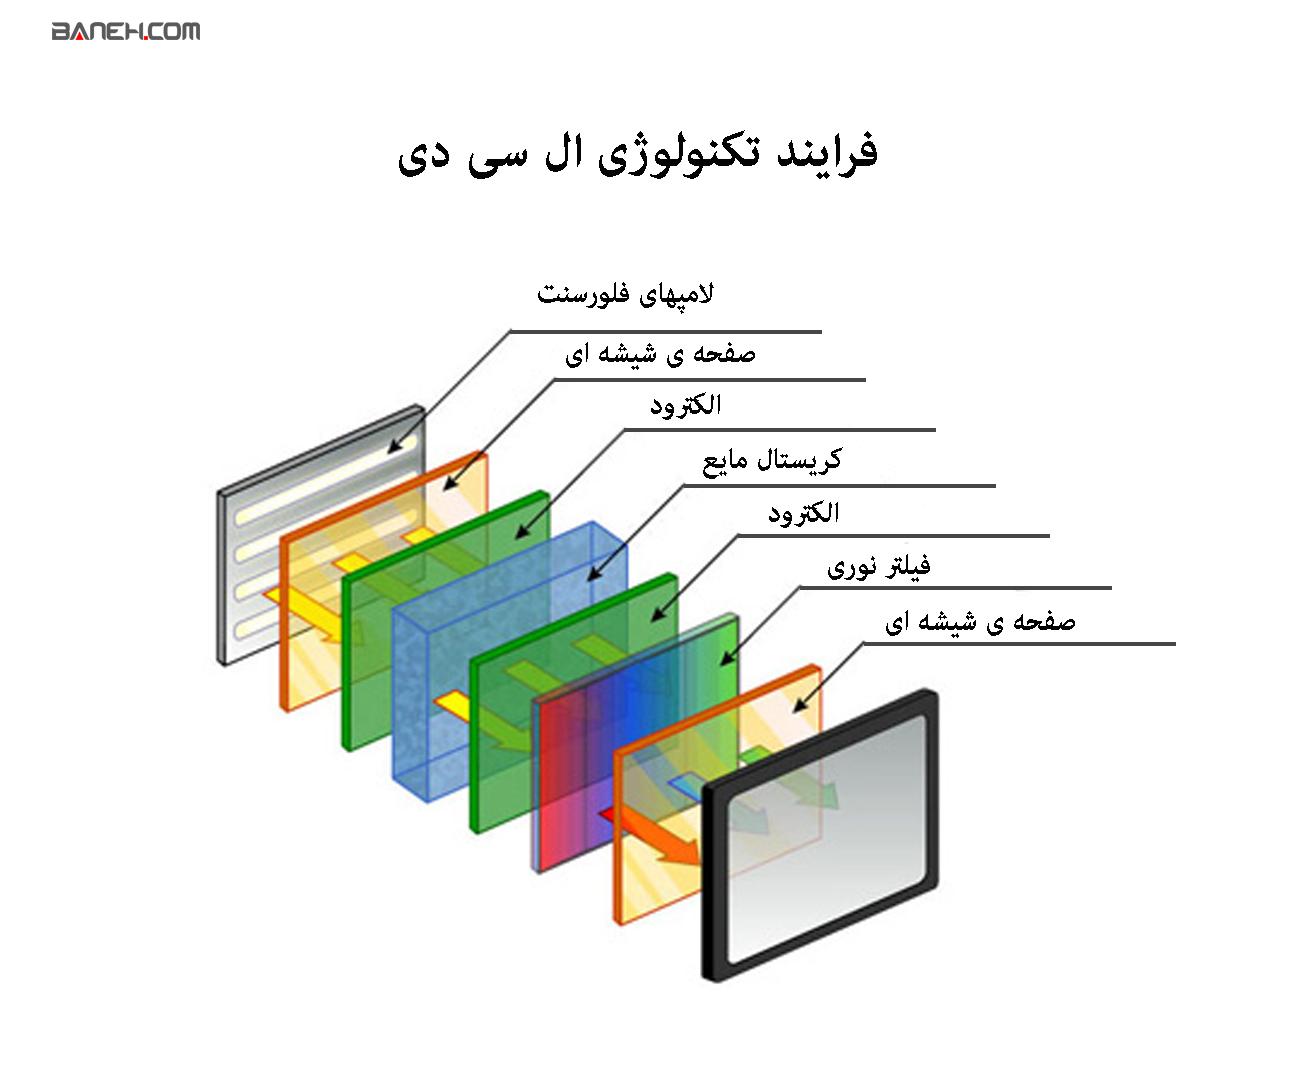 فرایند تکنولوژی ال سی دی